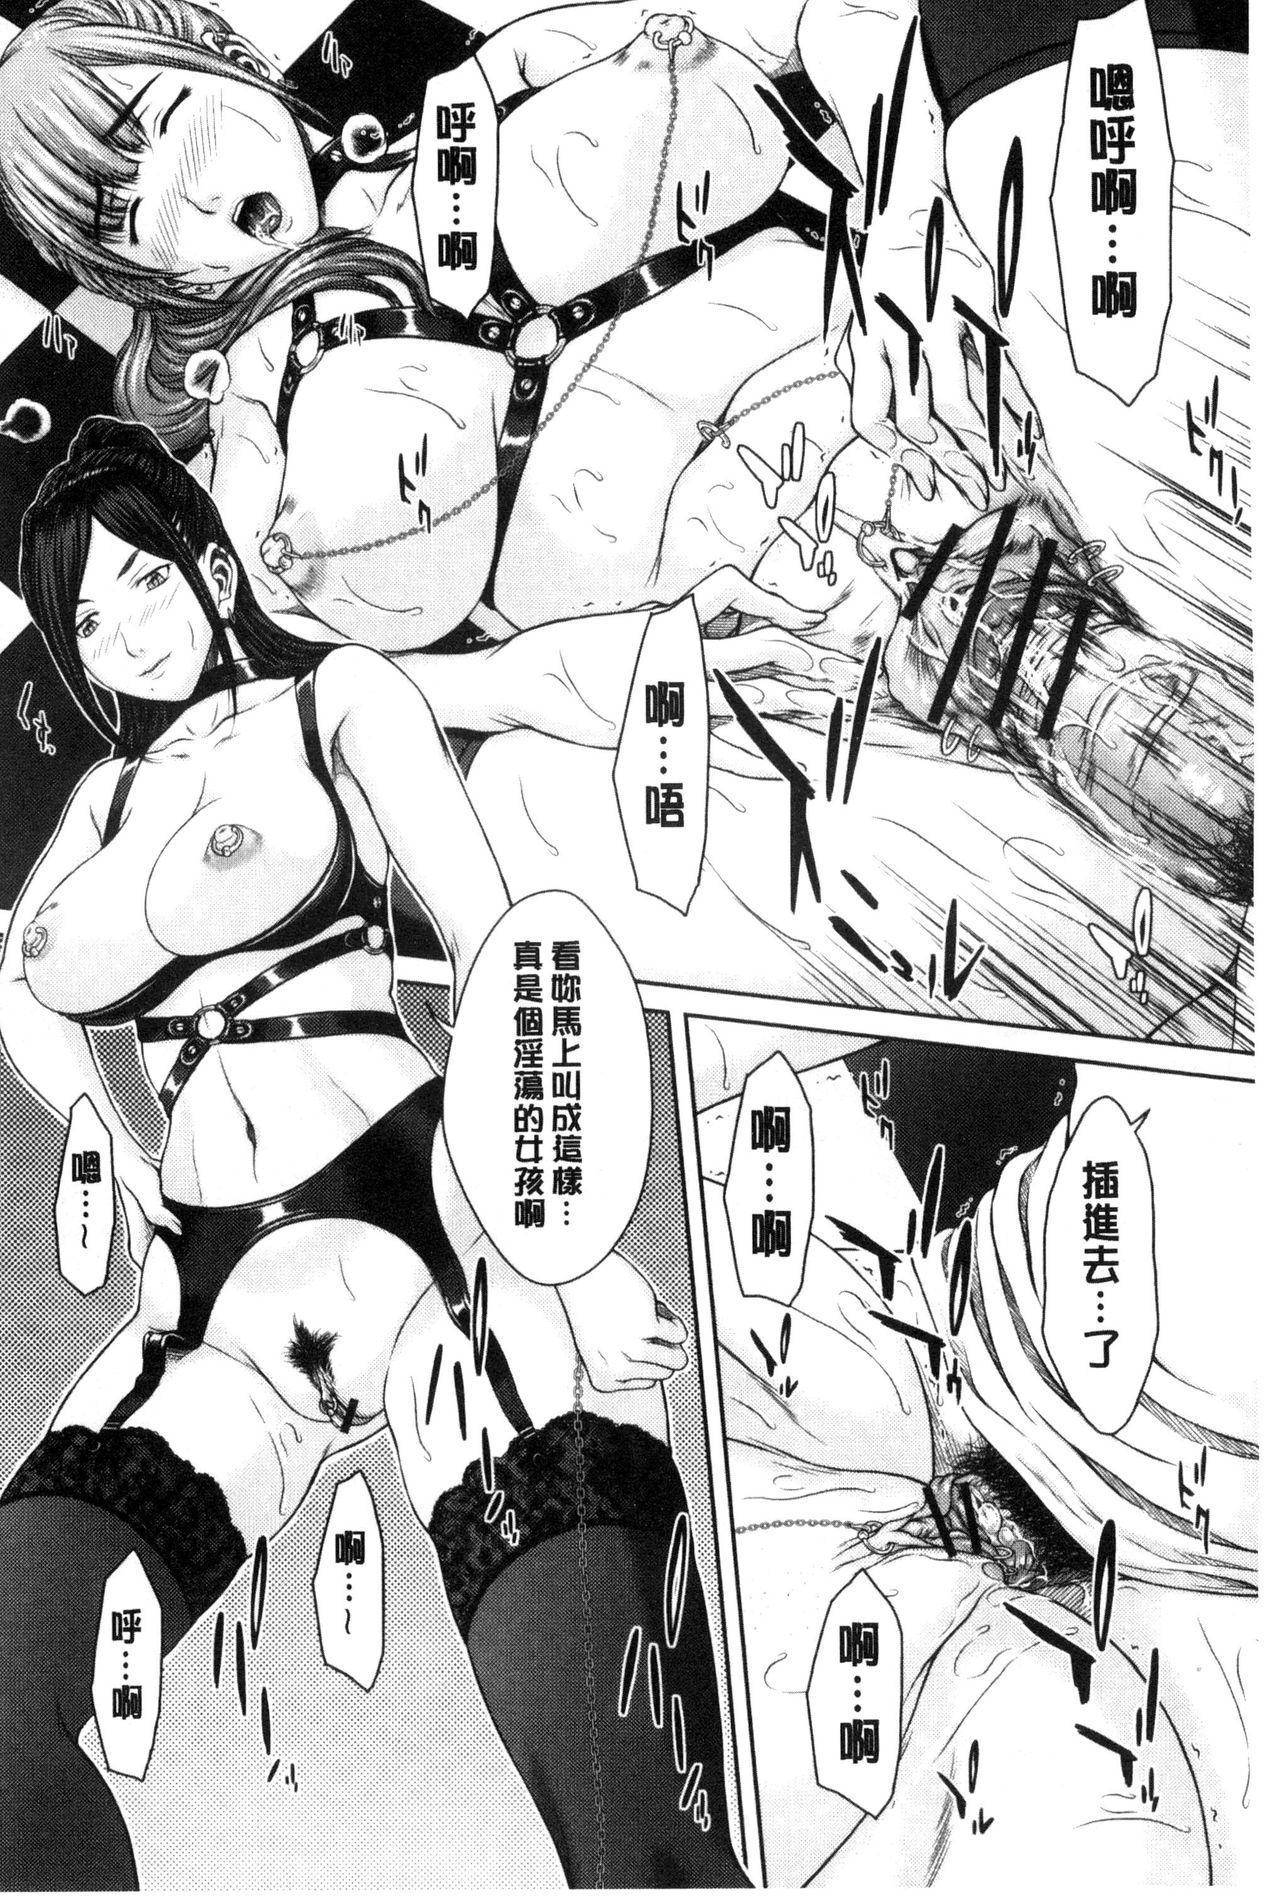 Mesukano Inbina Mesu Kanojotachi To No Hibi 166